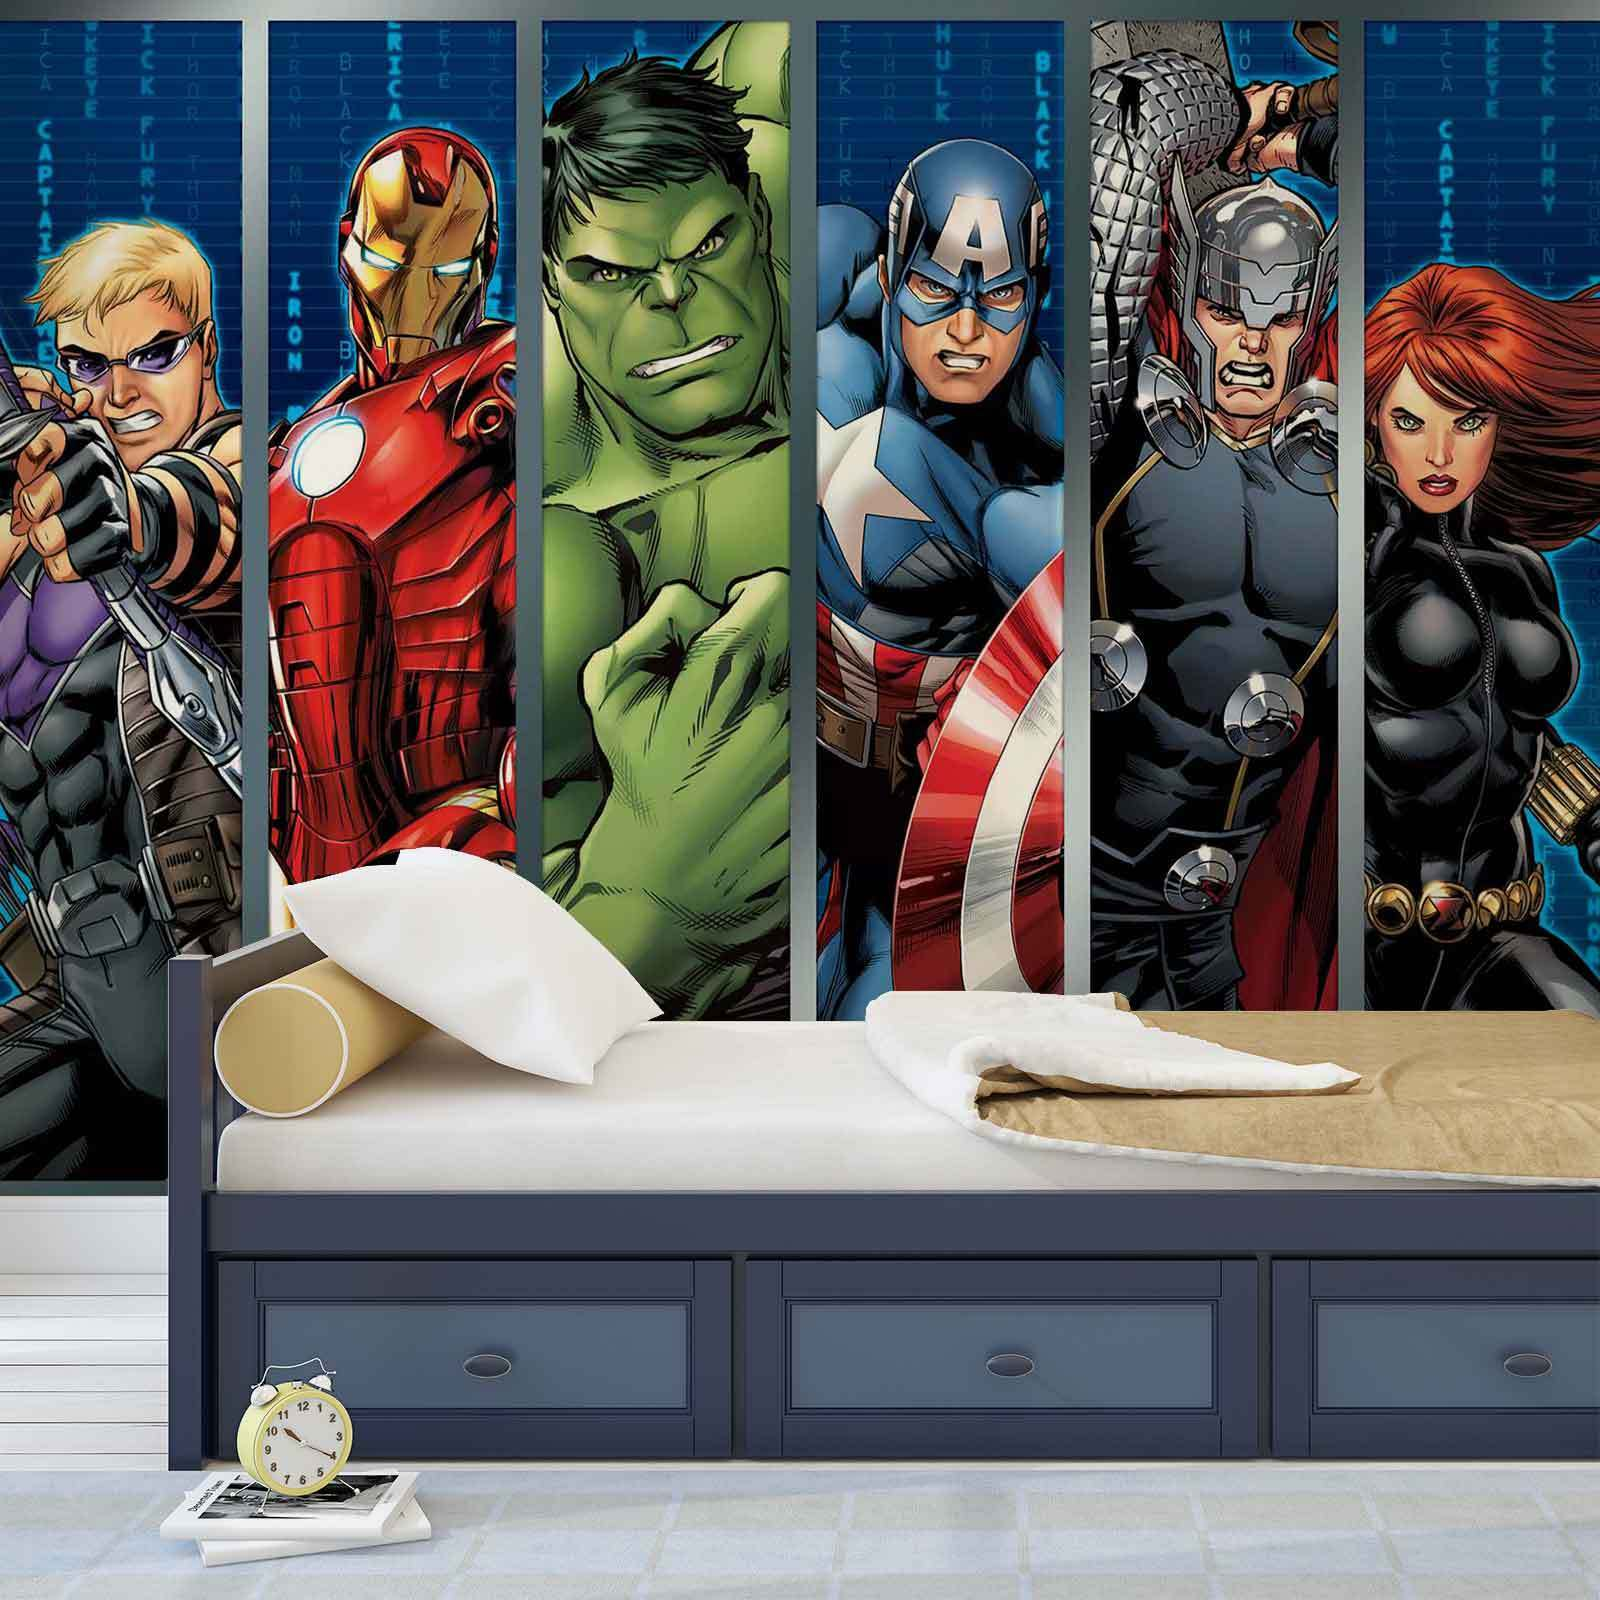 VLIES FOTOTAPETE Marvel Avengers TAPETE MURAL (964FW)